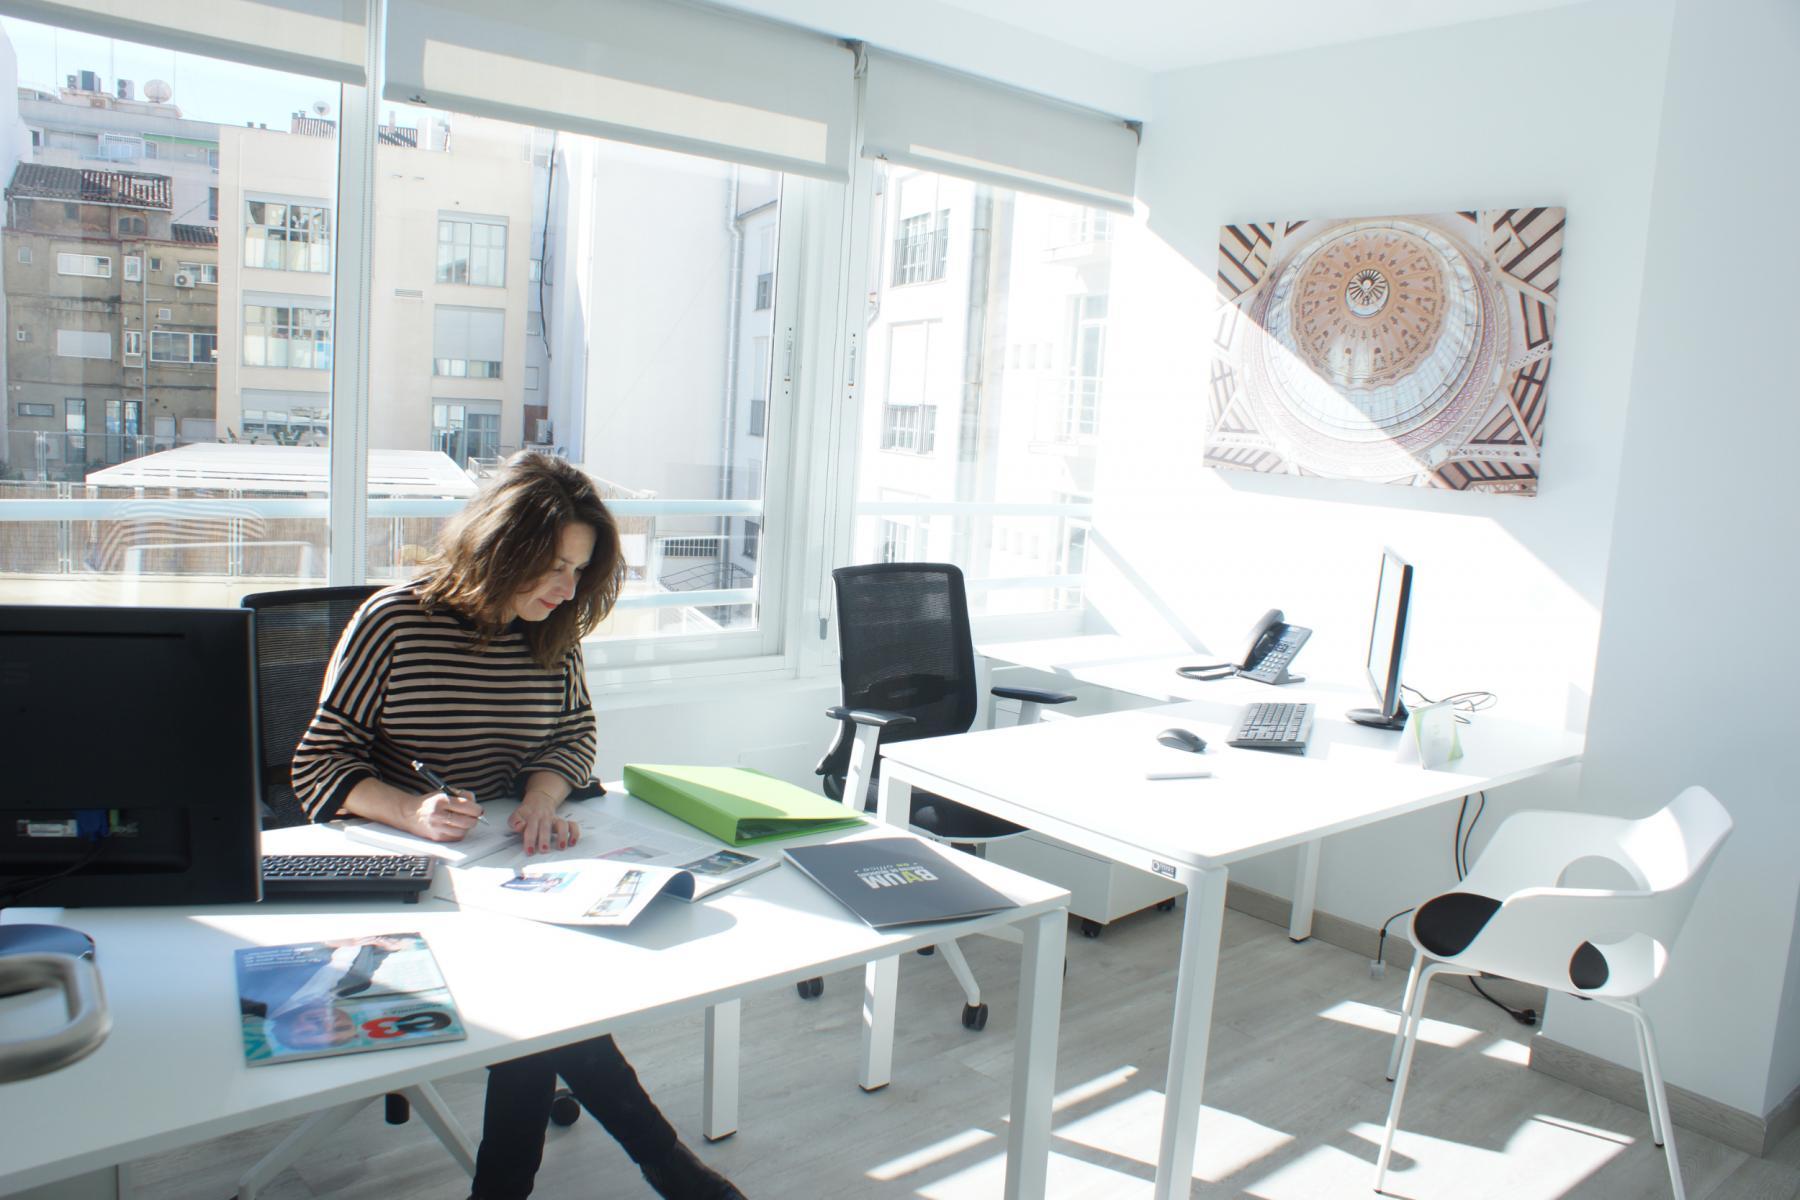 Oficina de dos puestos de trabajo y luz natural